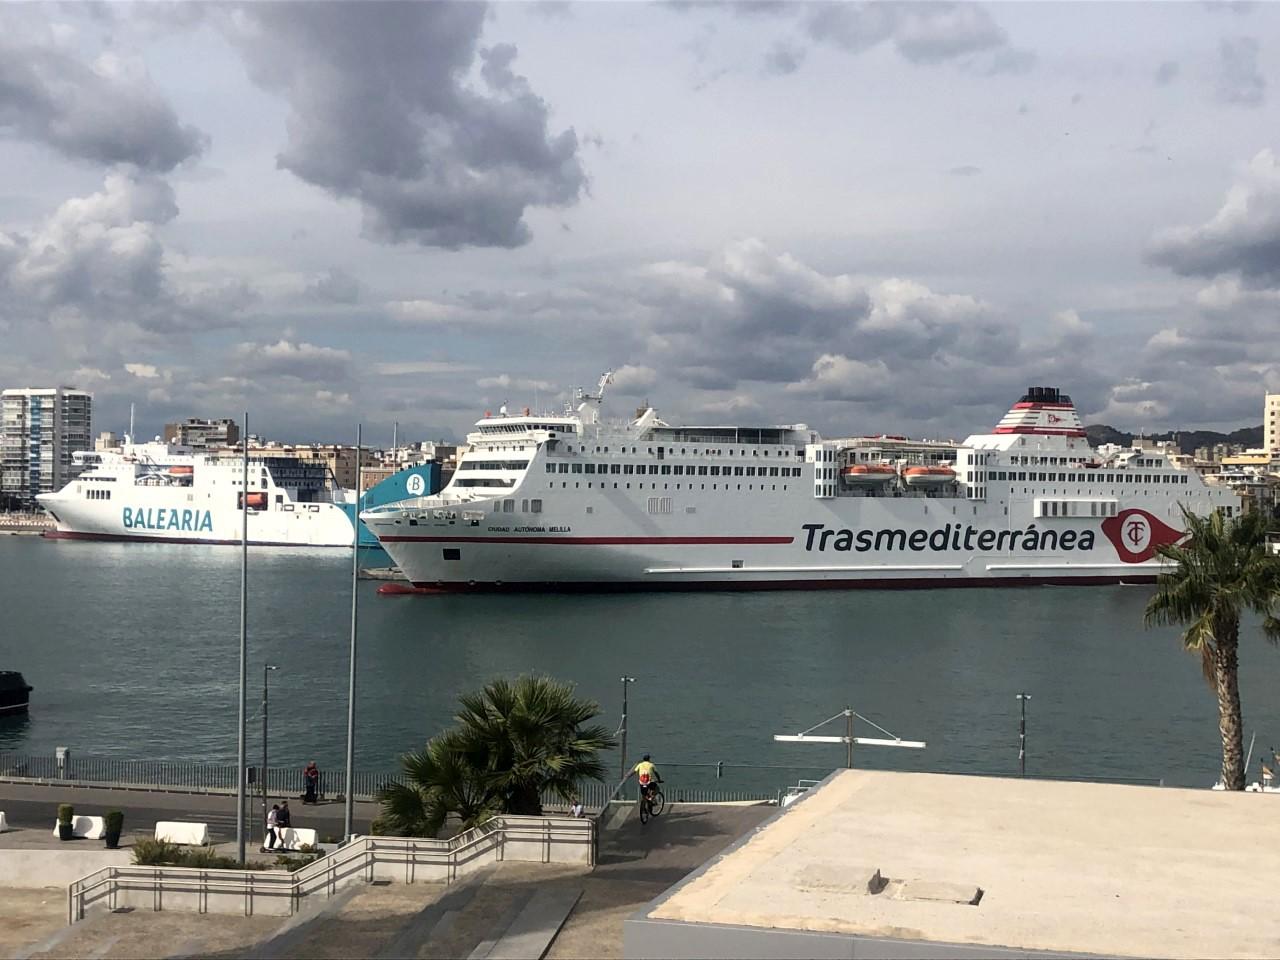 La conexión Málaga-Melilla recupera su actividad en el ecuador del verano